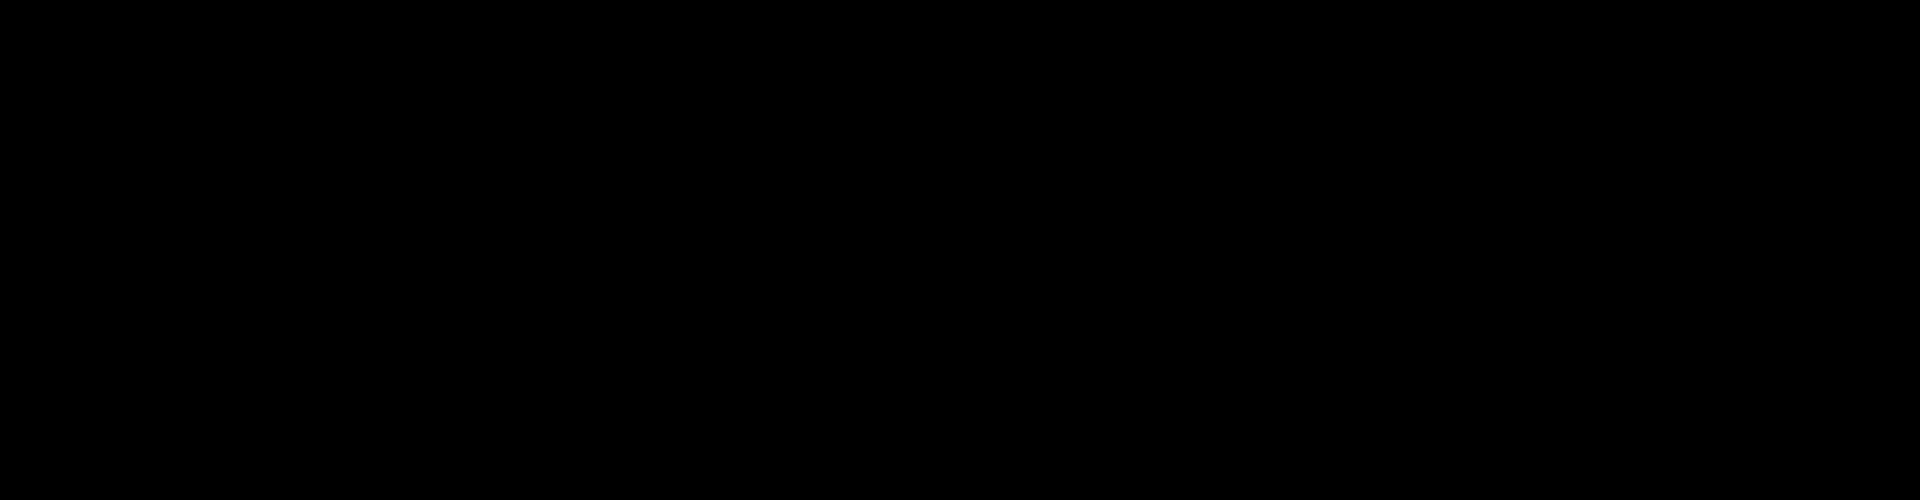 black ink logo